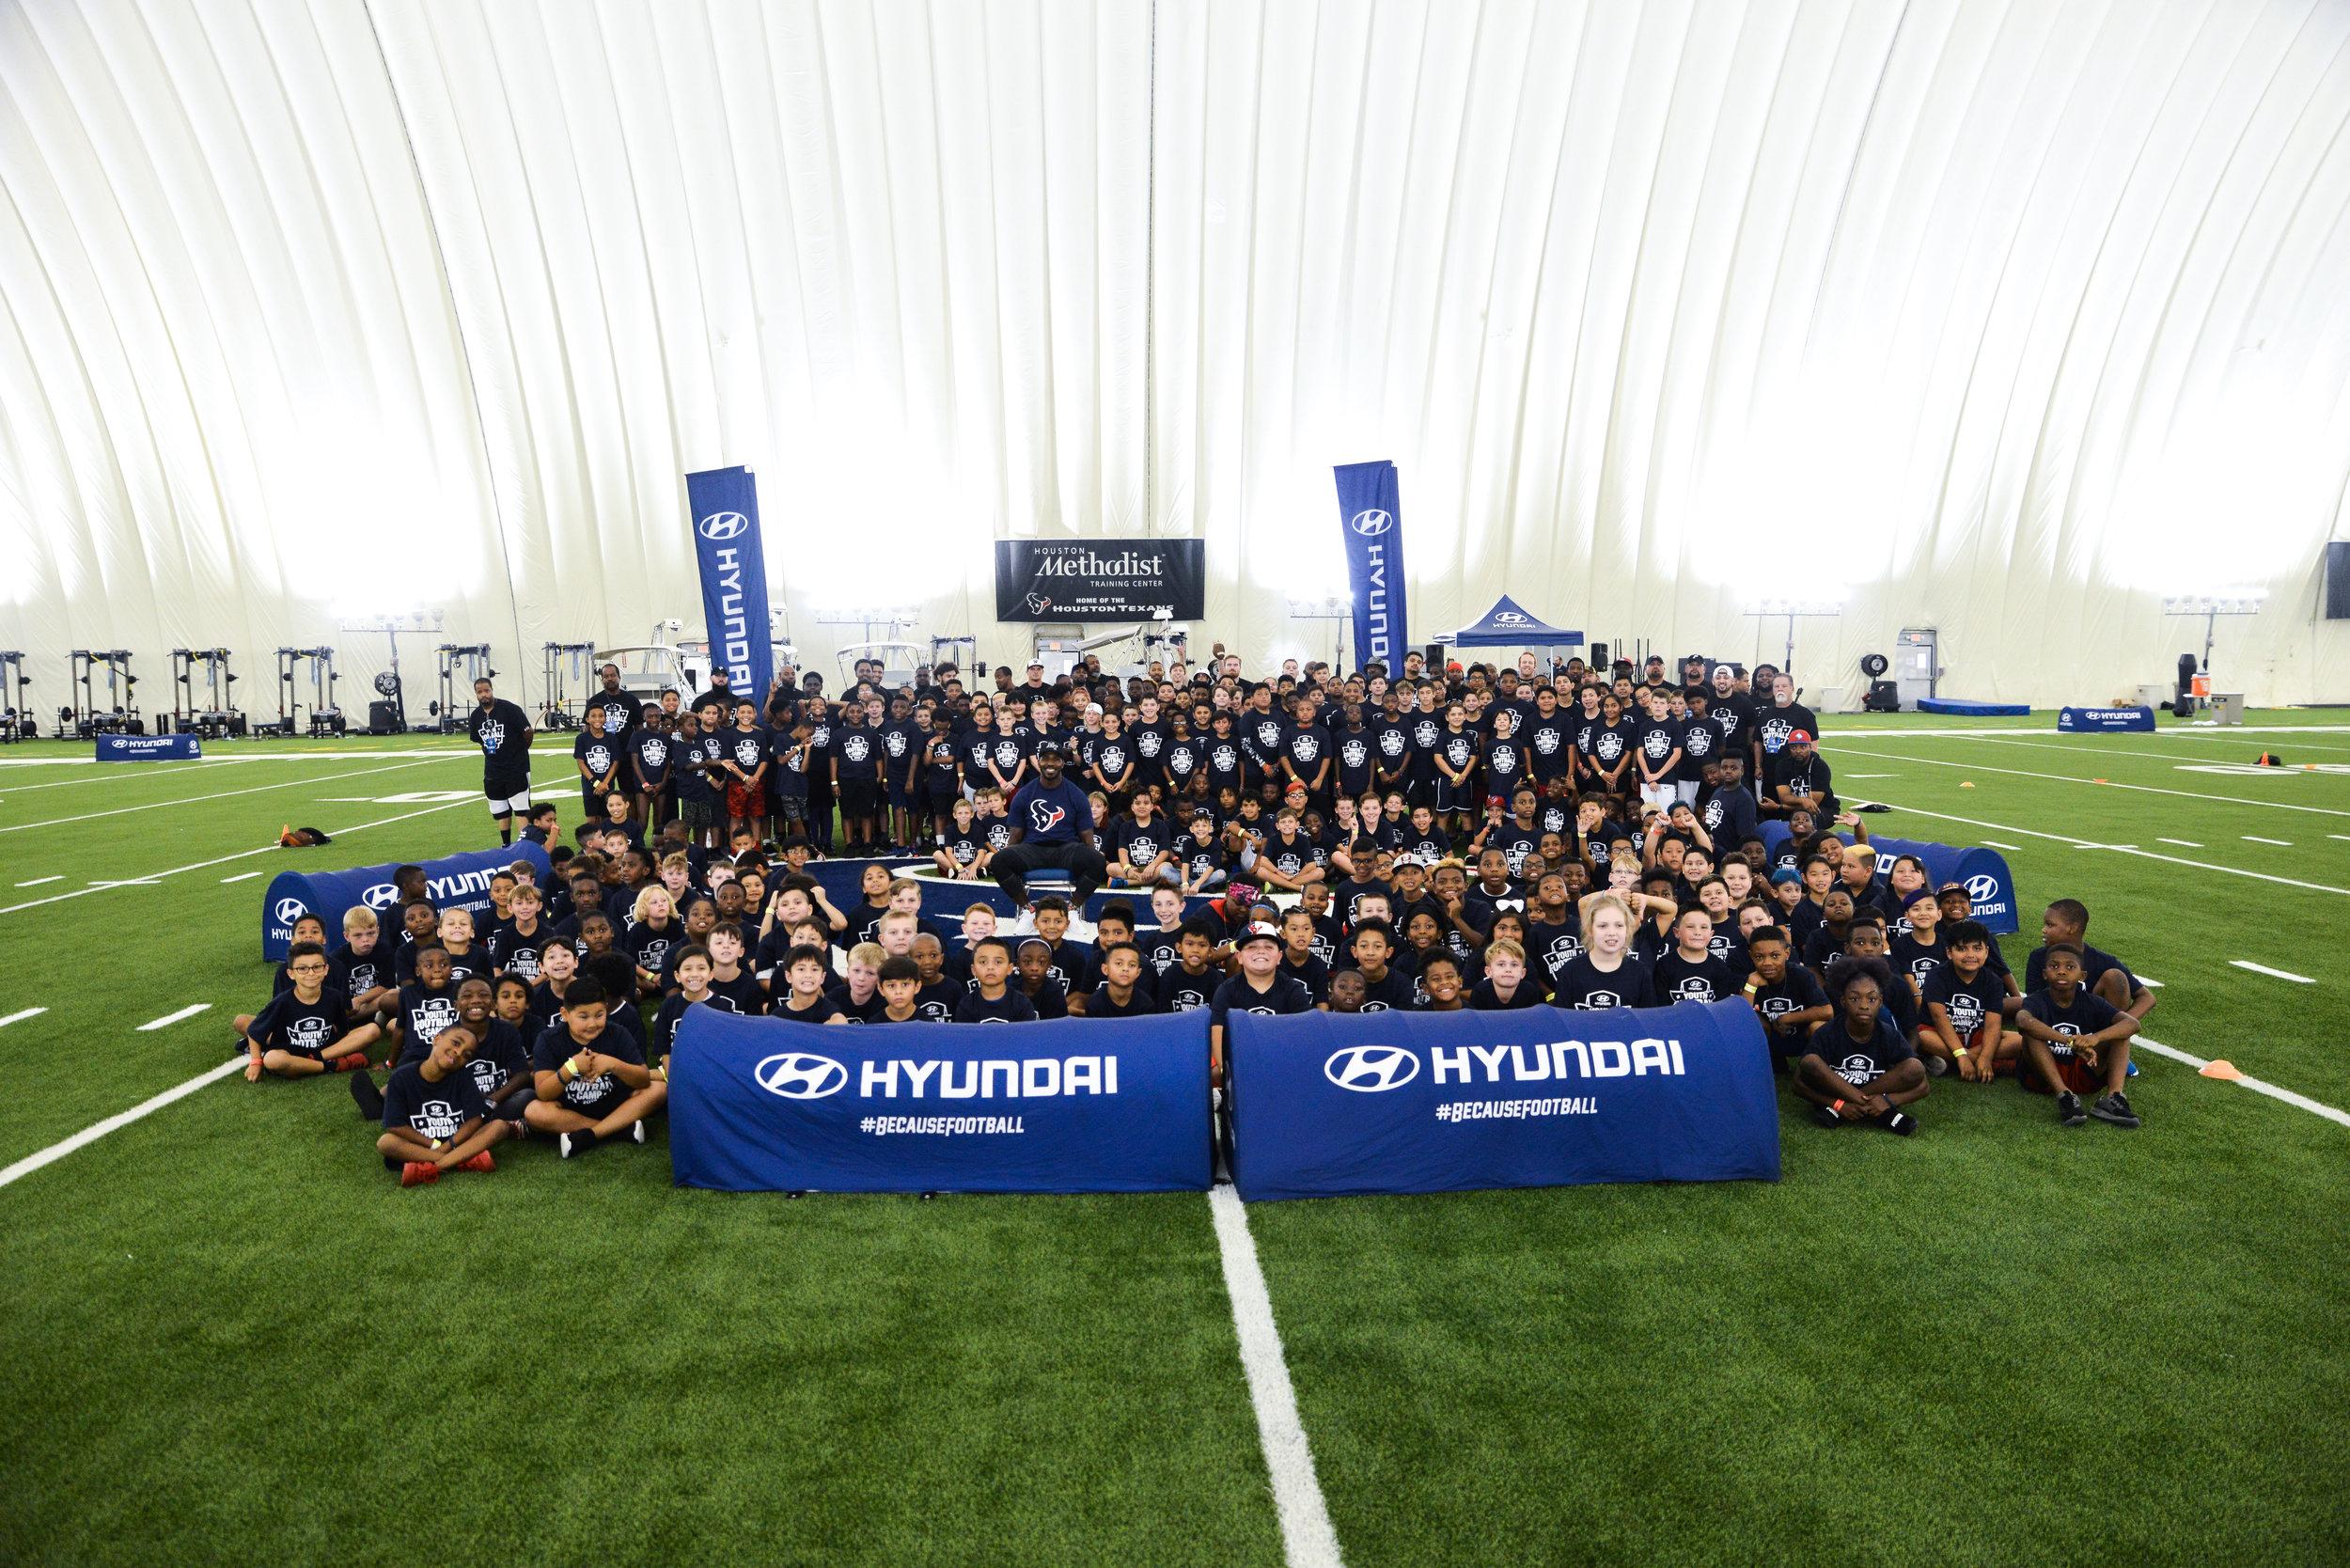 OHelloMedia-Hyundai-YouthFootballCamps-Houston-TopSelect-5087.jpg